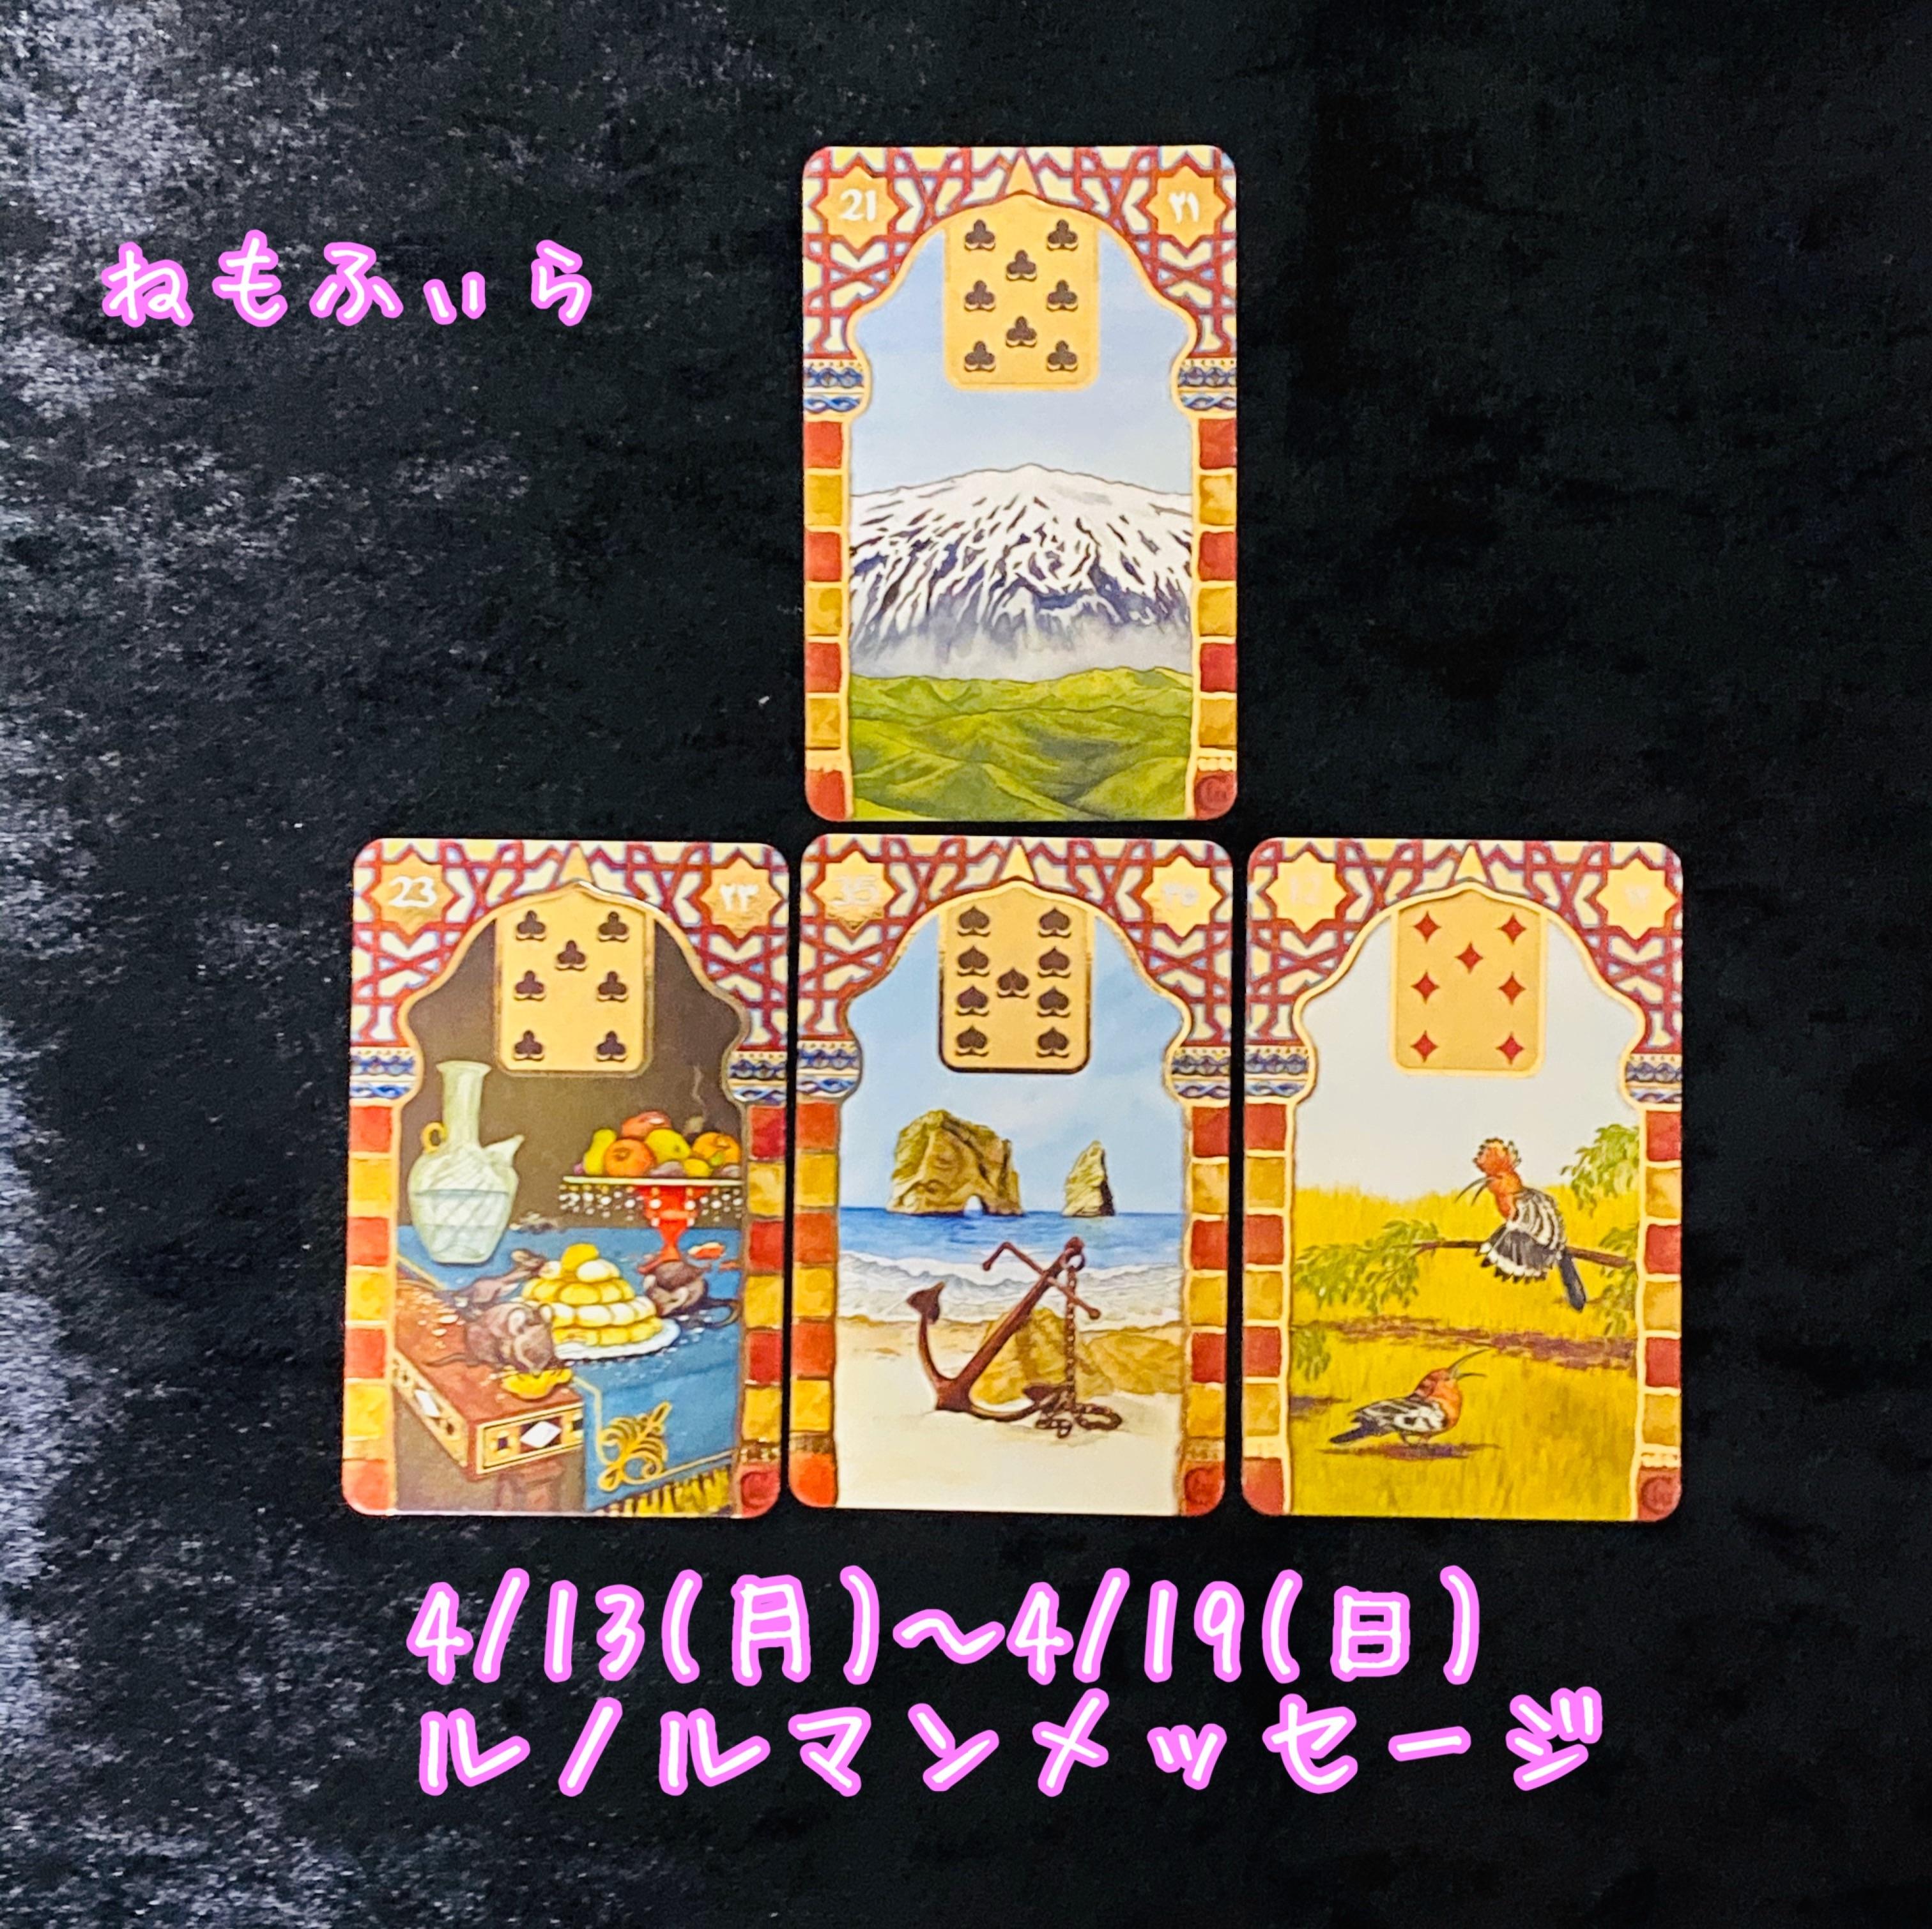 f:id:hana_su-hi:20200412195402j:image